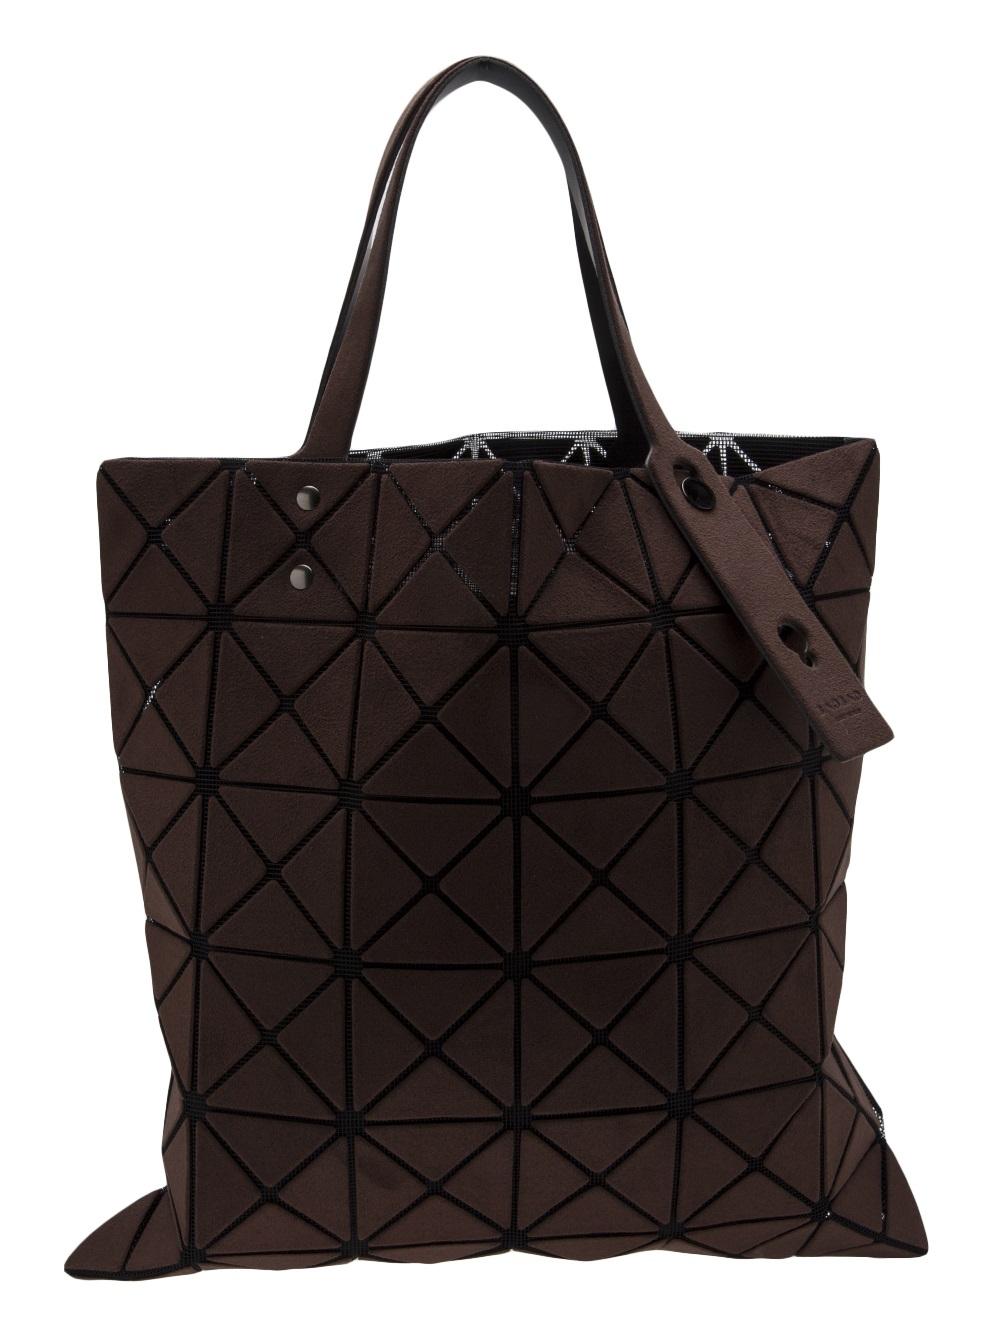 Lyst Bao Bao Issey Miyake Prism Tote Bag In Brown